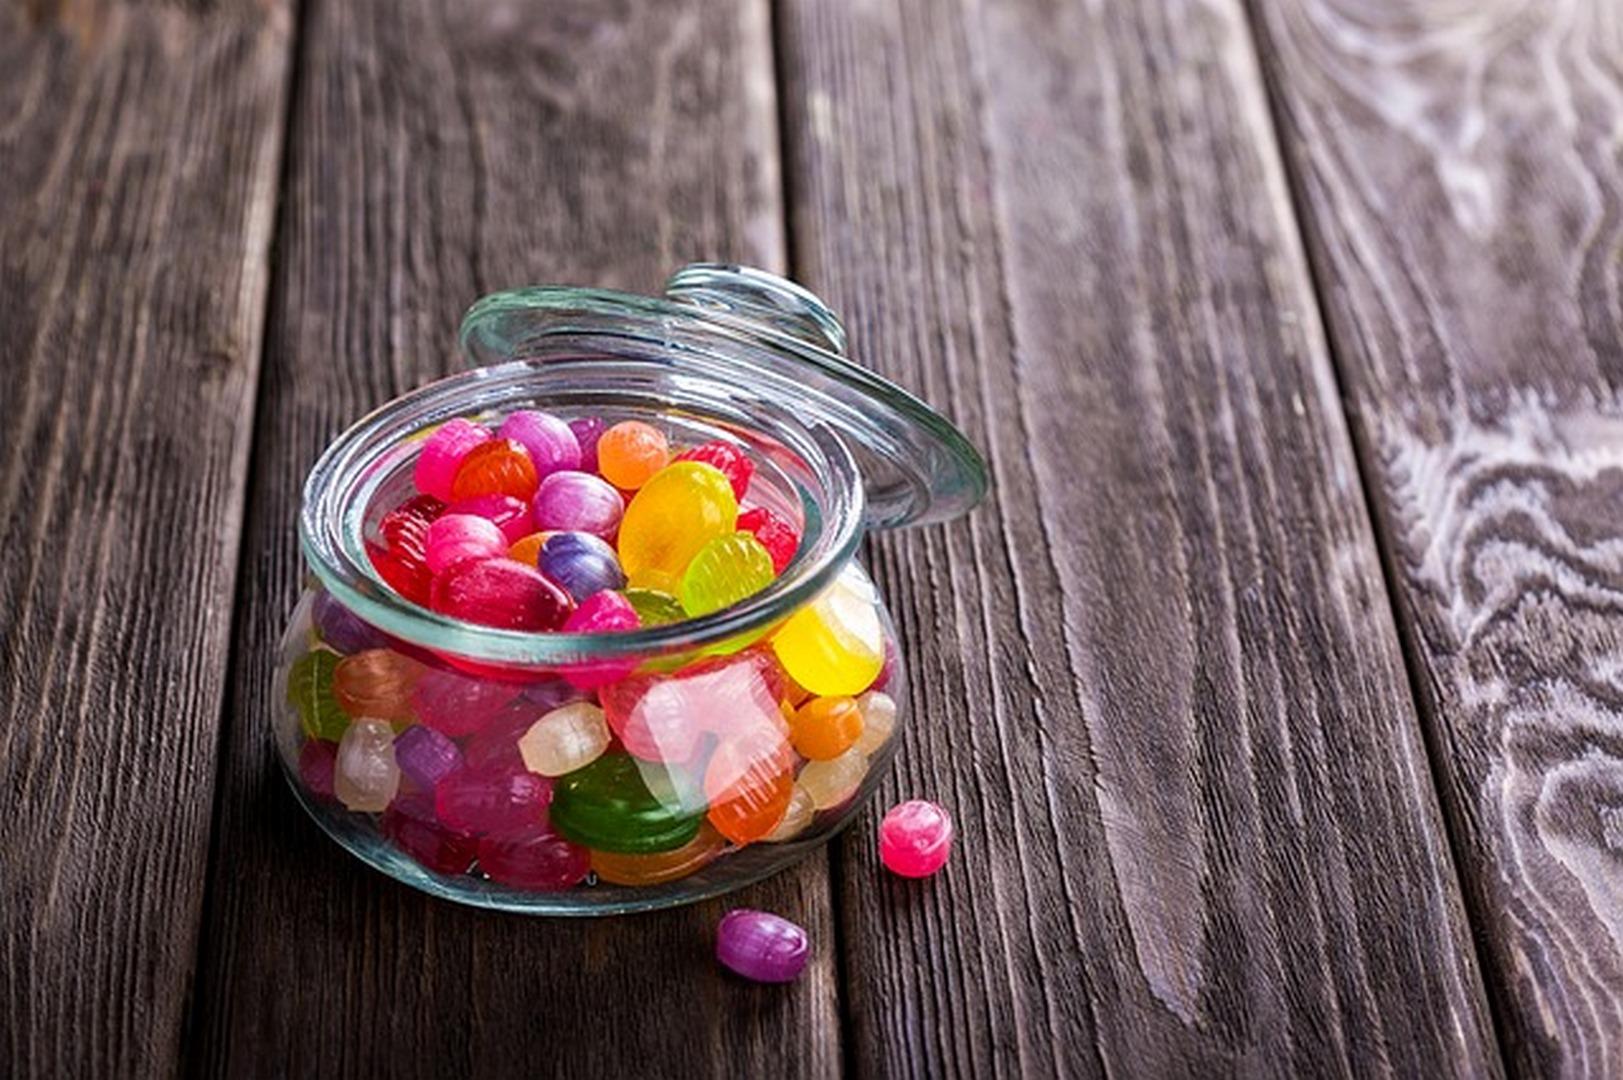 Najlepsze reklamowe cukierki!